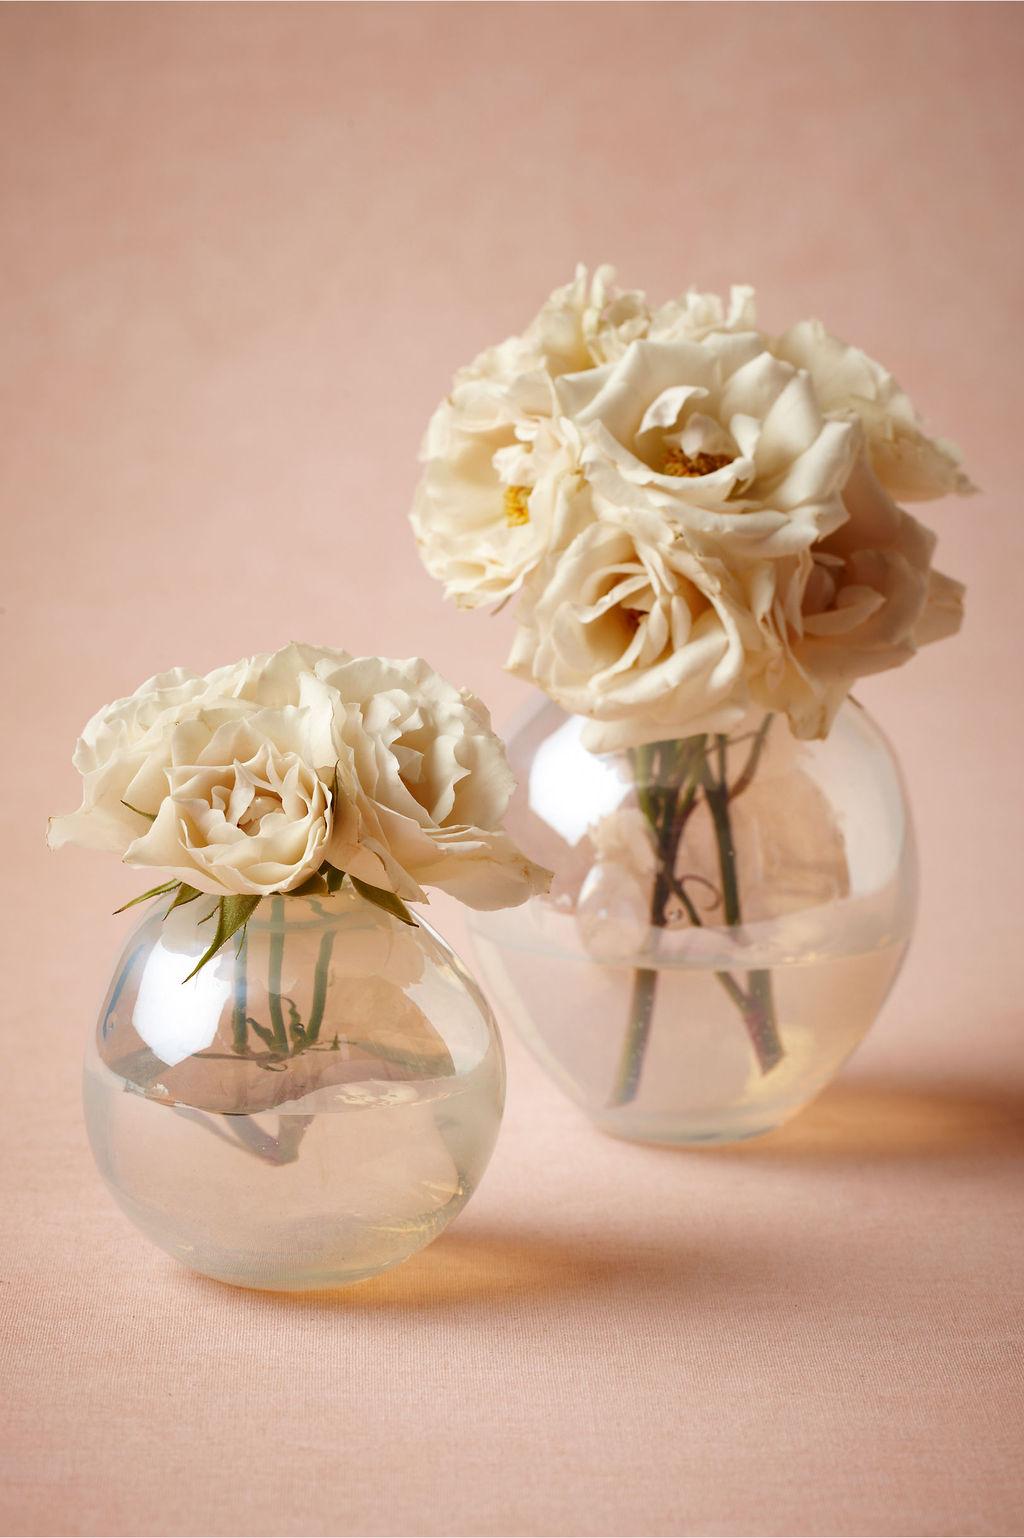 Classic-wedding-centerpieces-elegant-vases.full